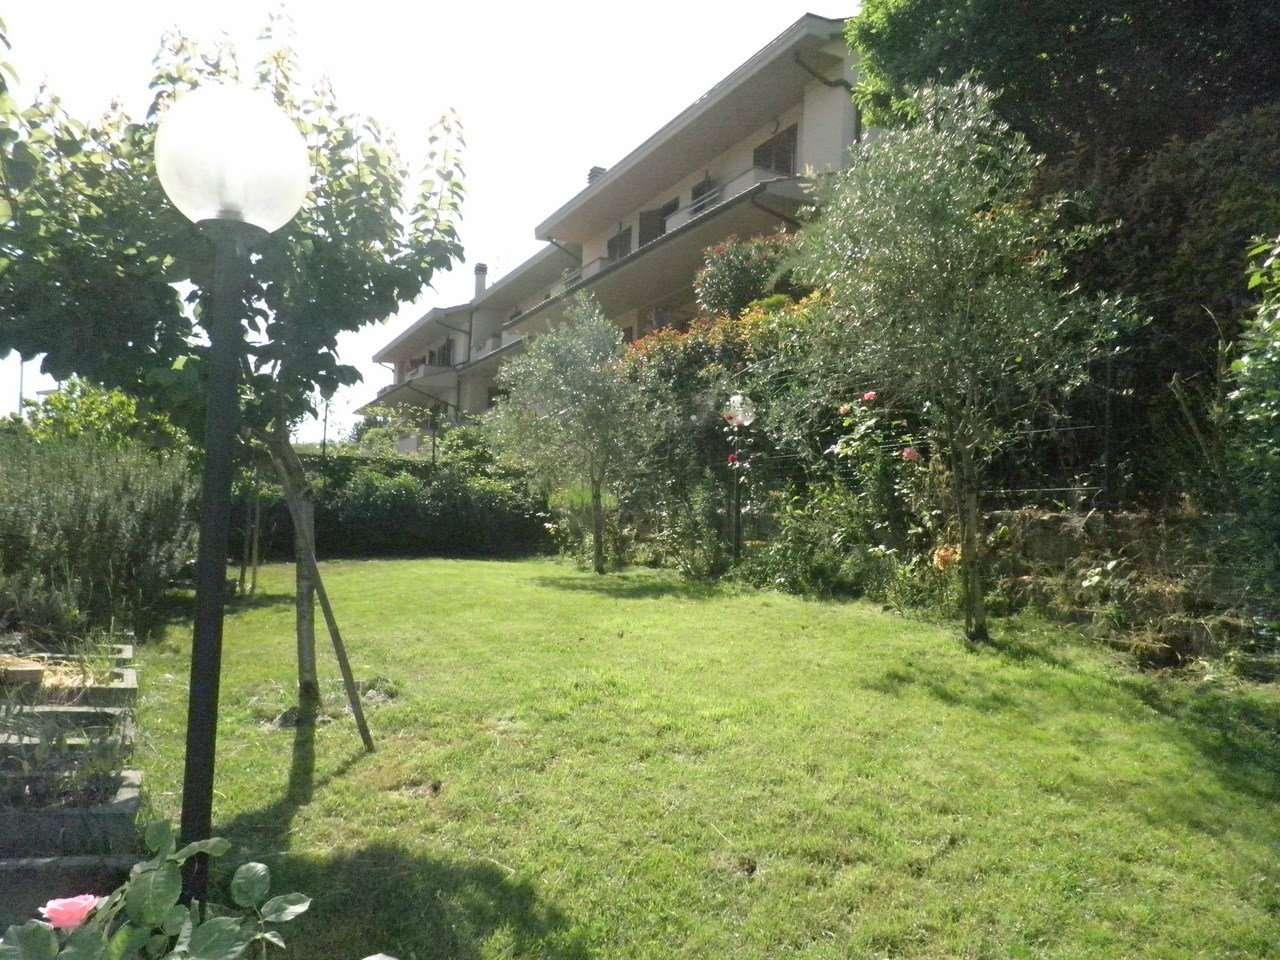 Palazzo / Stabile in vendita a Montelupo Fiorentino, 5 locali, prezzo € 257.000   Cambio Casa.it